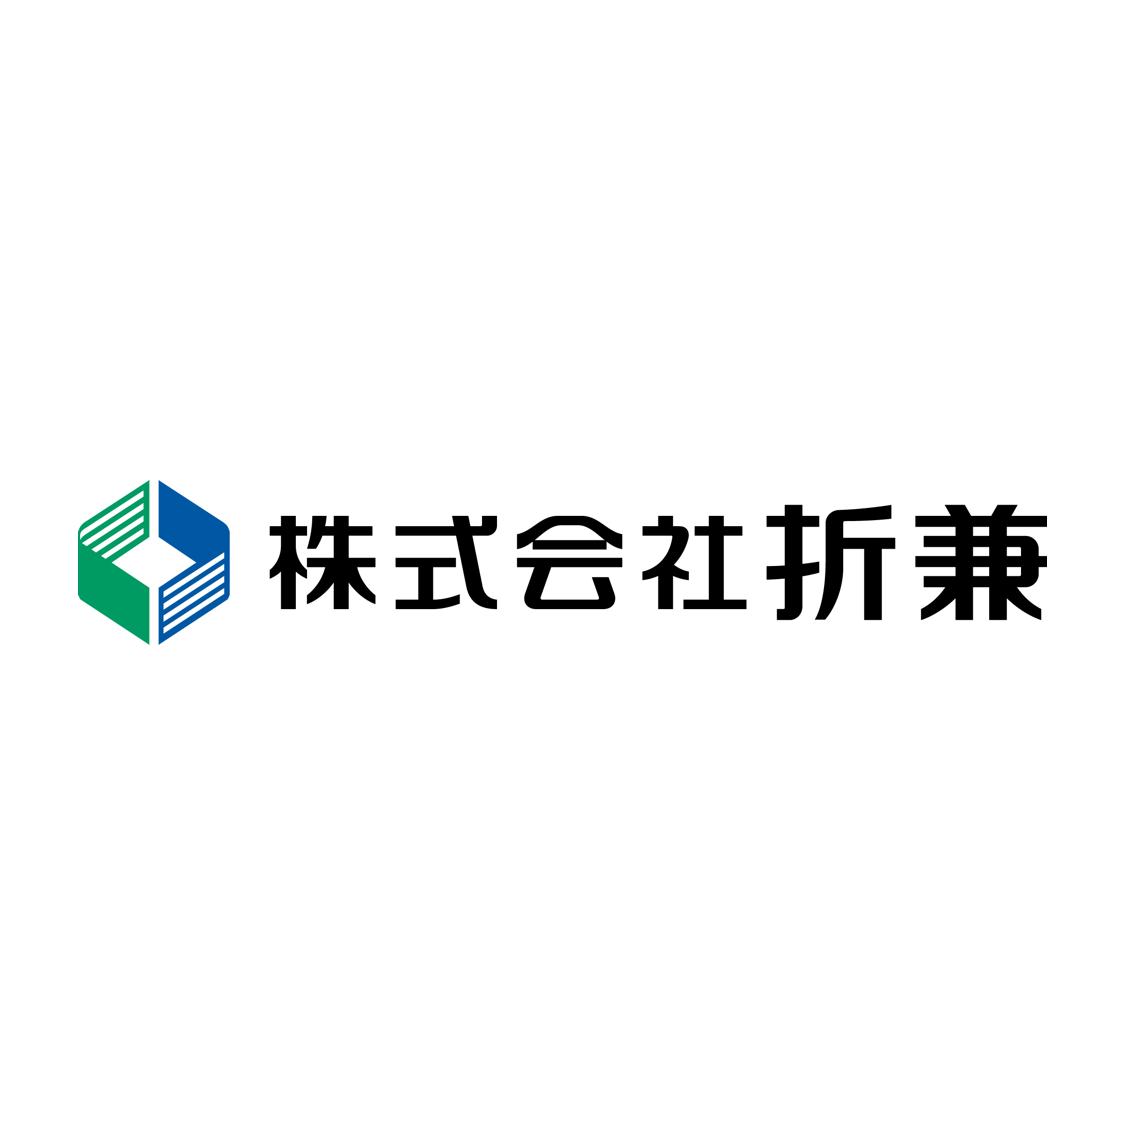 株式会社折兼 企業ロゴ